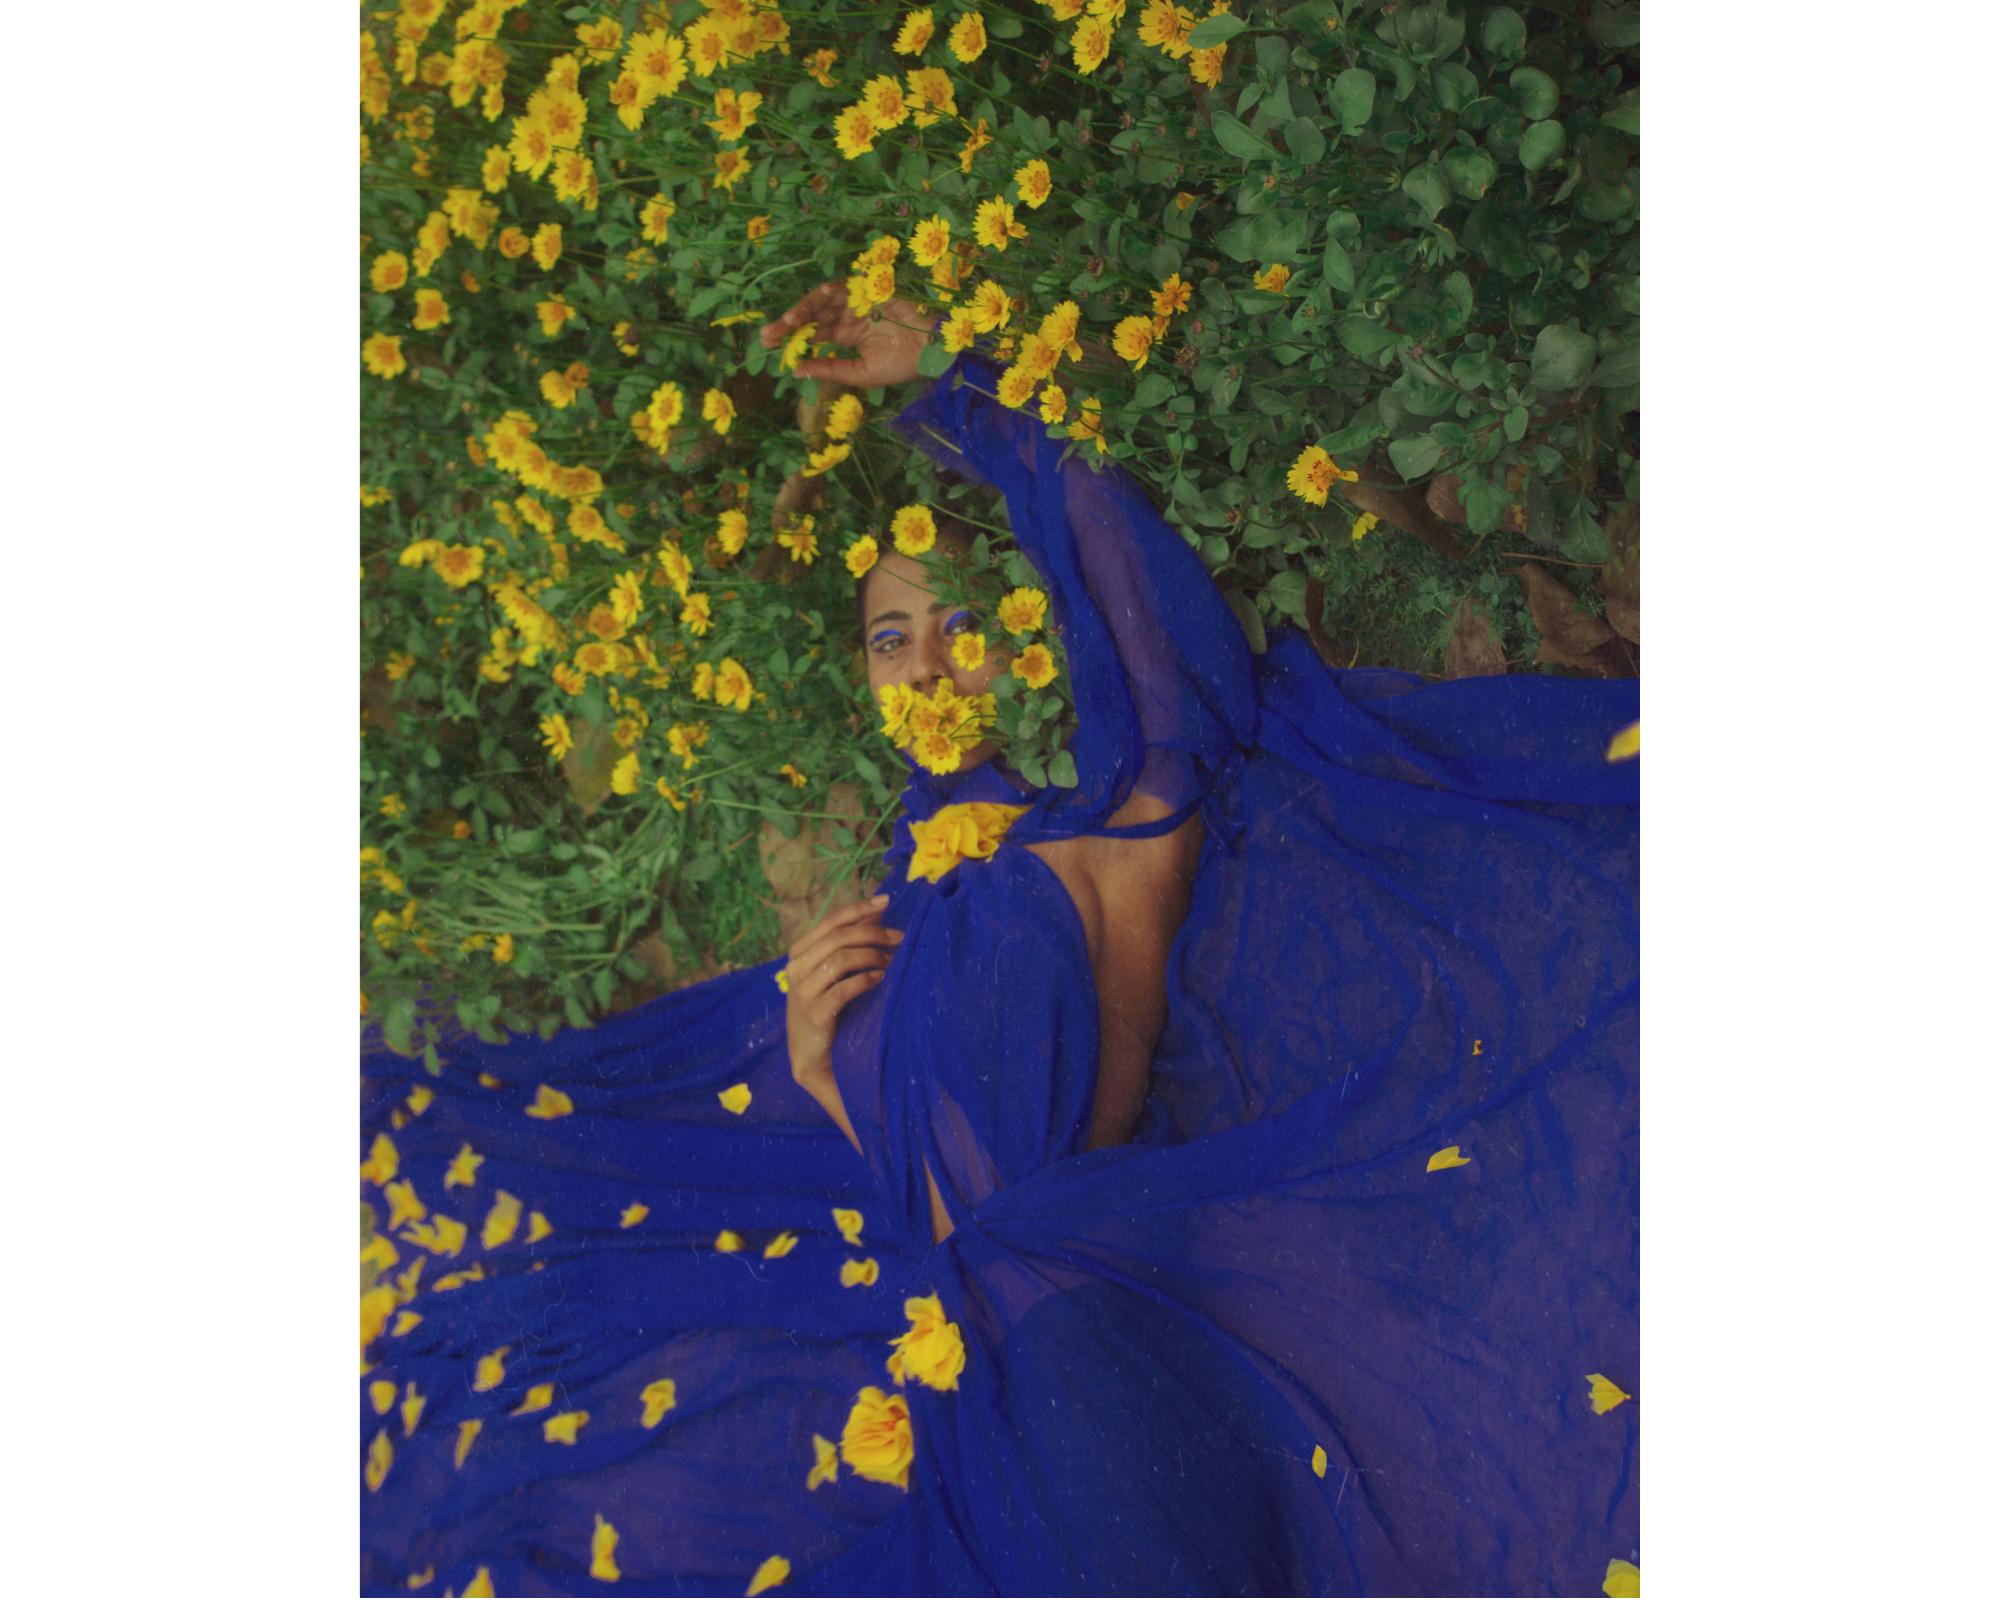 femme habillée en bleu